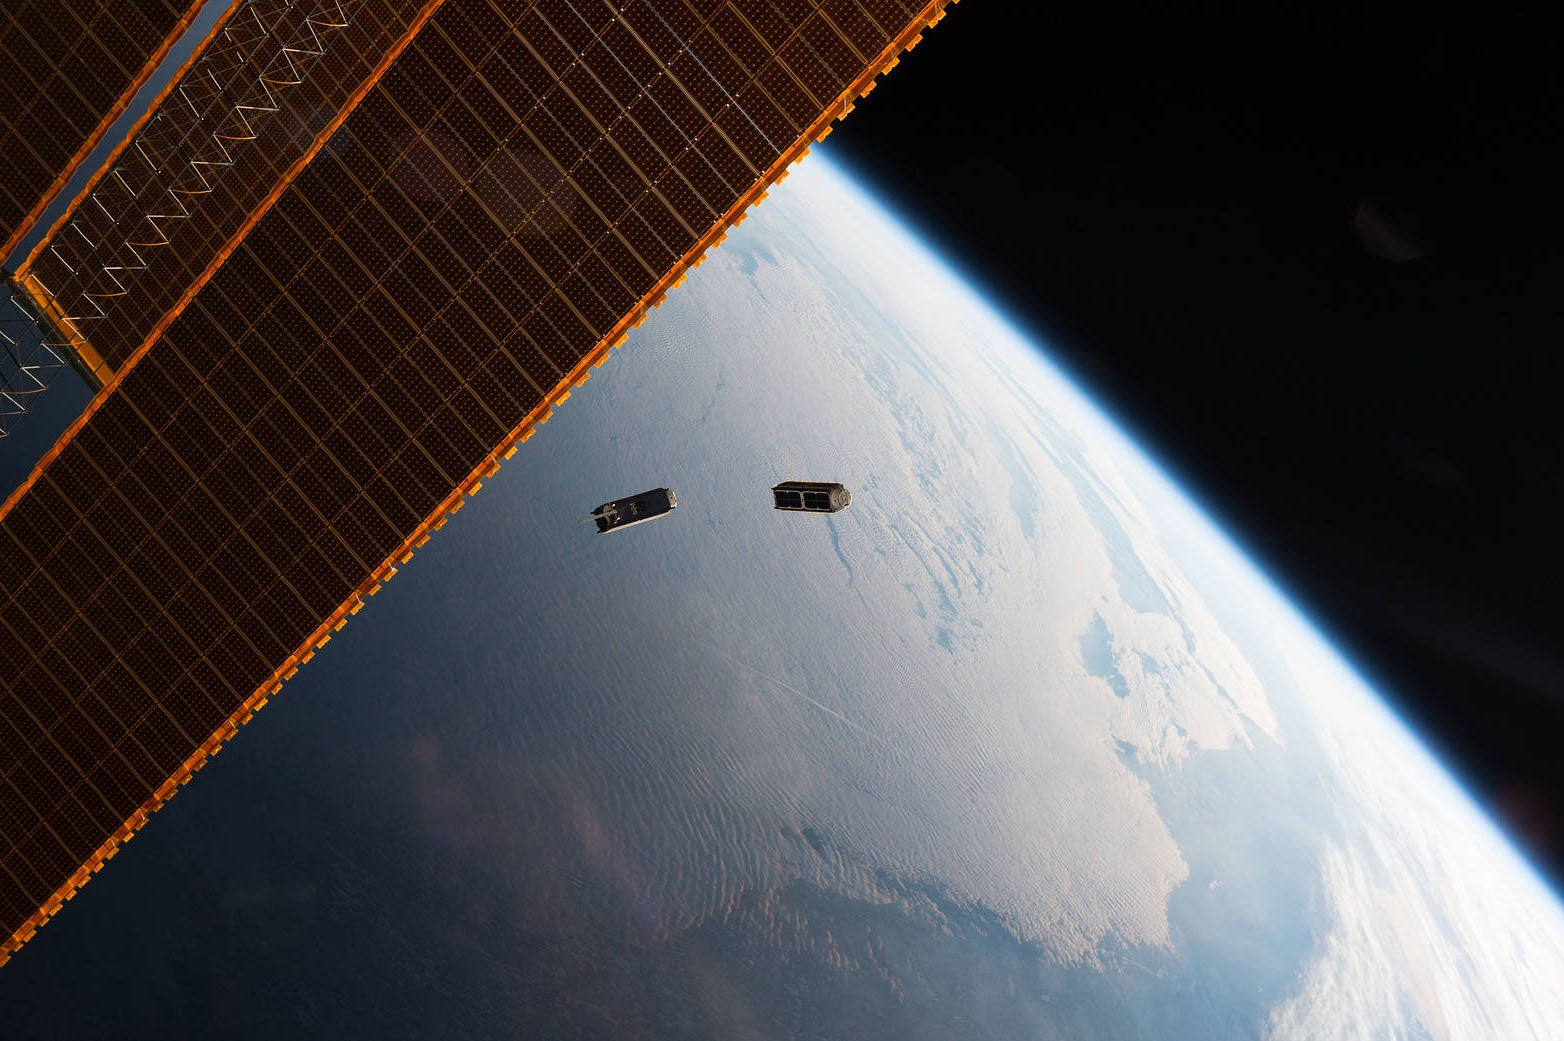 Les pirates pourraient arrêter les satellites – ou les transformer en armes